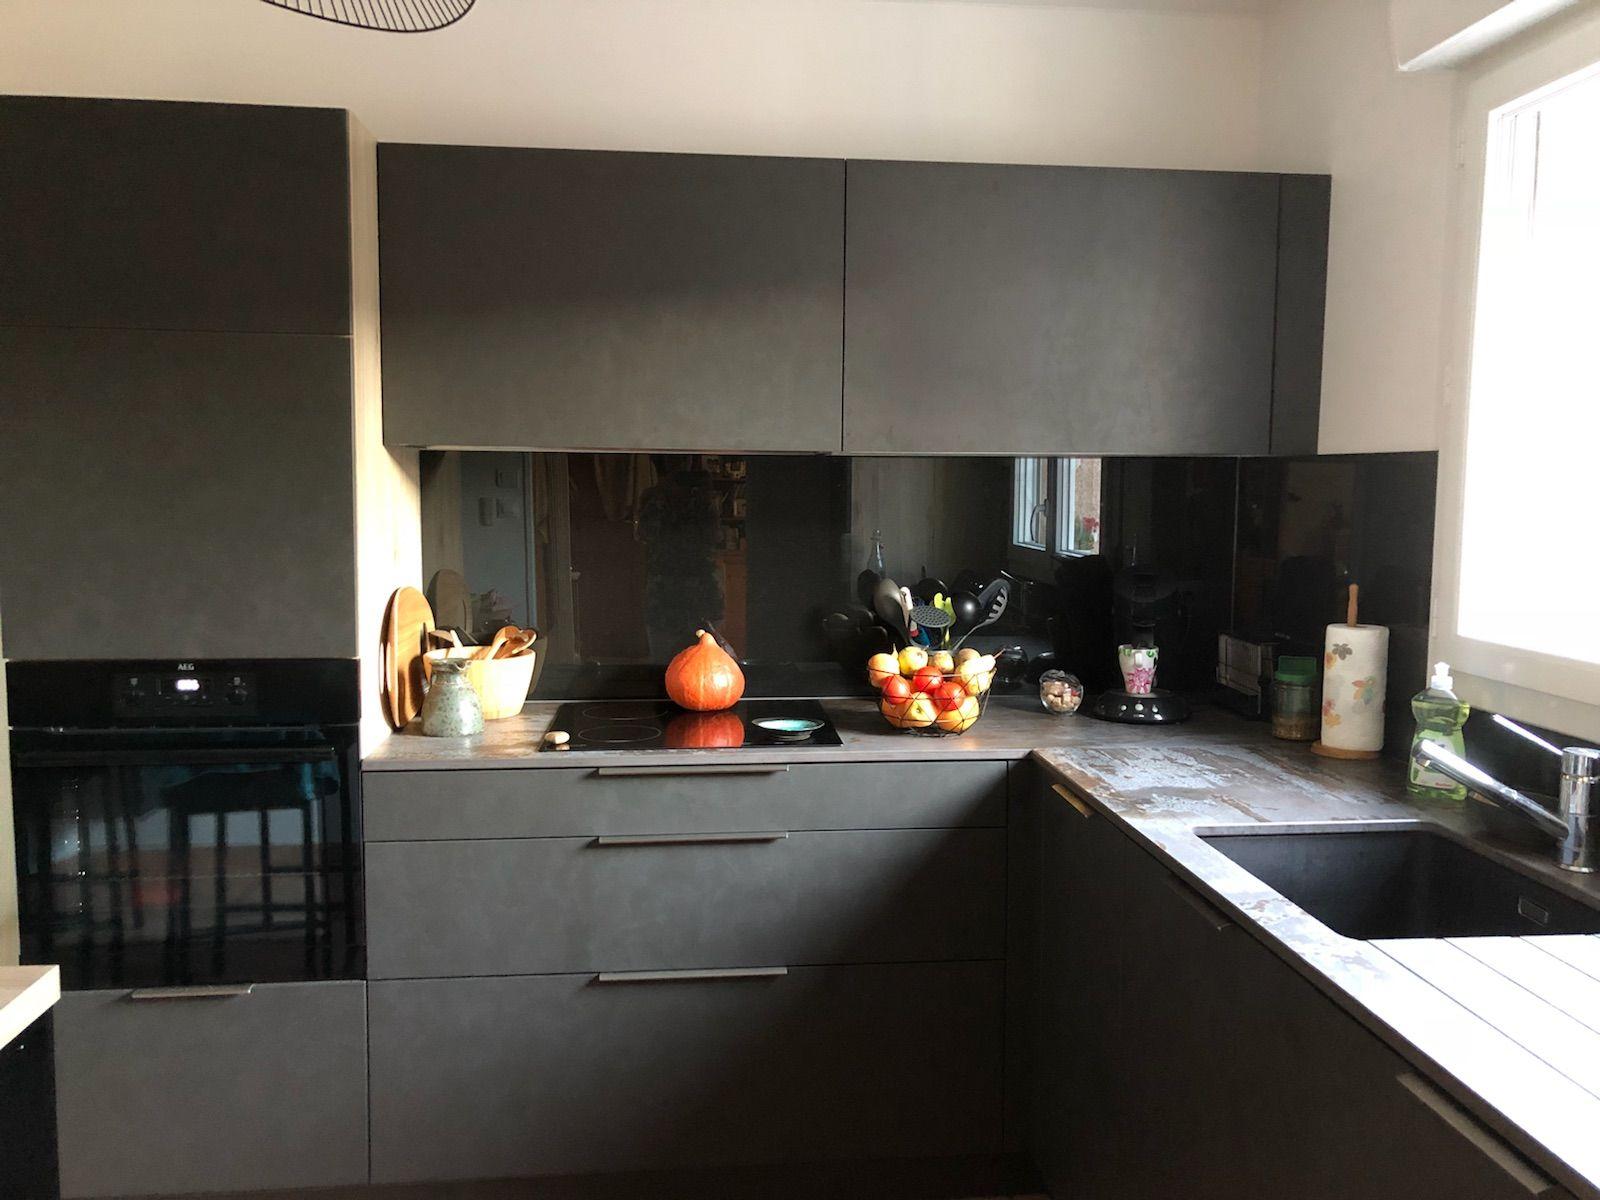 Cuisineinterieurdesign Cuisine Interieur Design Toulouse Coloris Matieres Plandetravail Architecture Moderne Te Cuisines Design Meuble Cuisine Cuisine Moderne